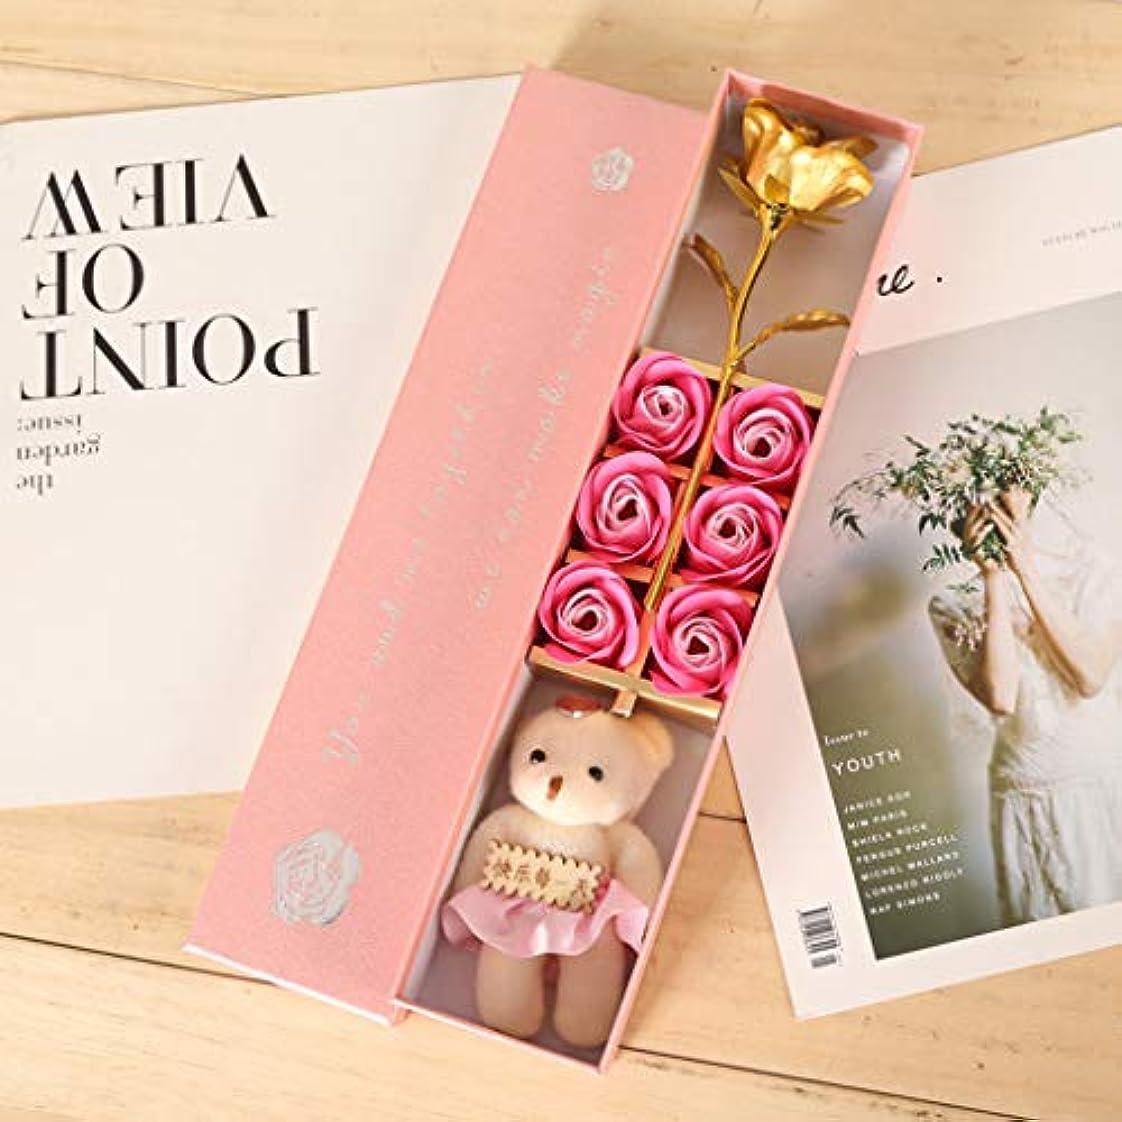 端末地元蓮【ゴールデンローズギフトボックス】6石鹸のバラの花/せっけんの花/かわいいバラ/素敵な女の子/ママへのユニークな贈り物/誕生日/母の日/記念日/バレンタインデー/卒業プレゼント/あなたが愛した人のための女性 (ピンク)